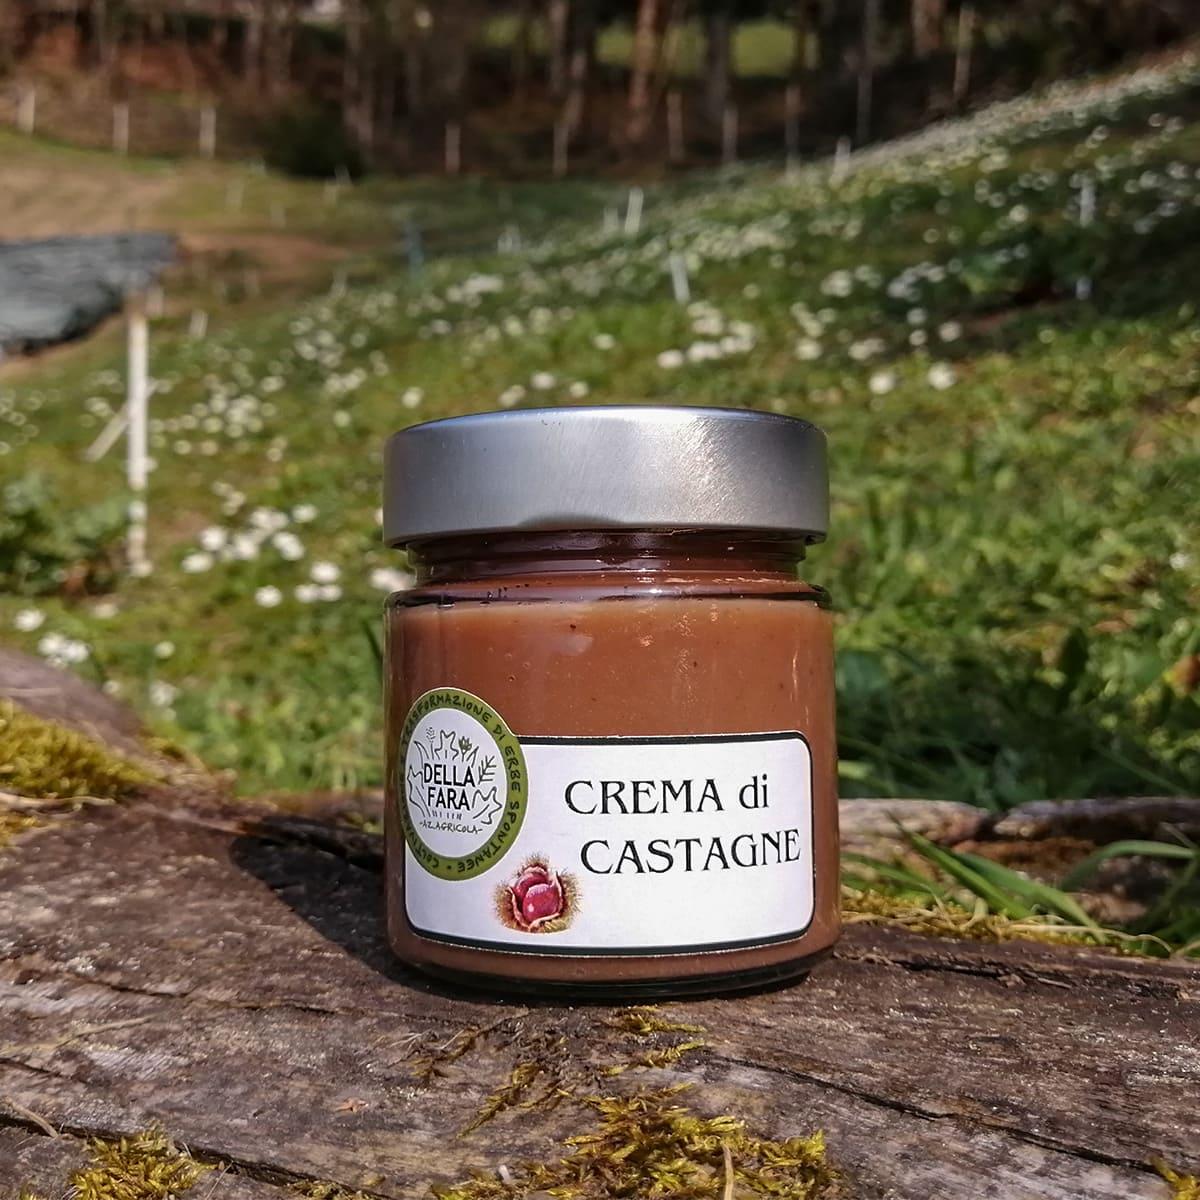 Crema di castagne - 230g